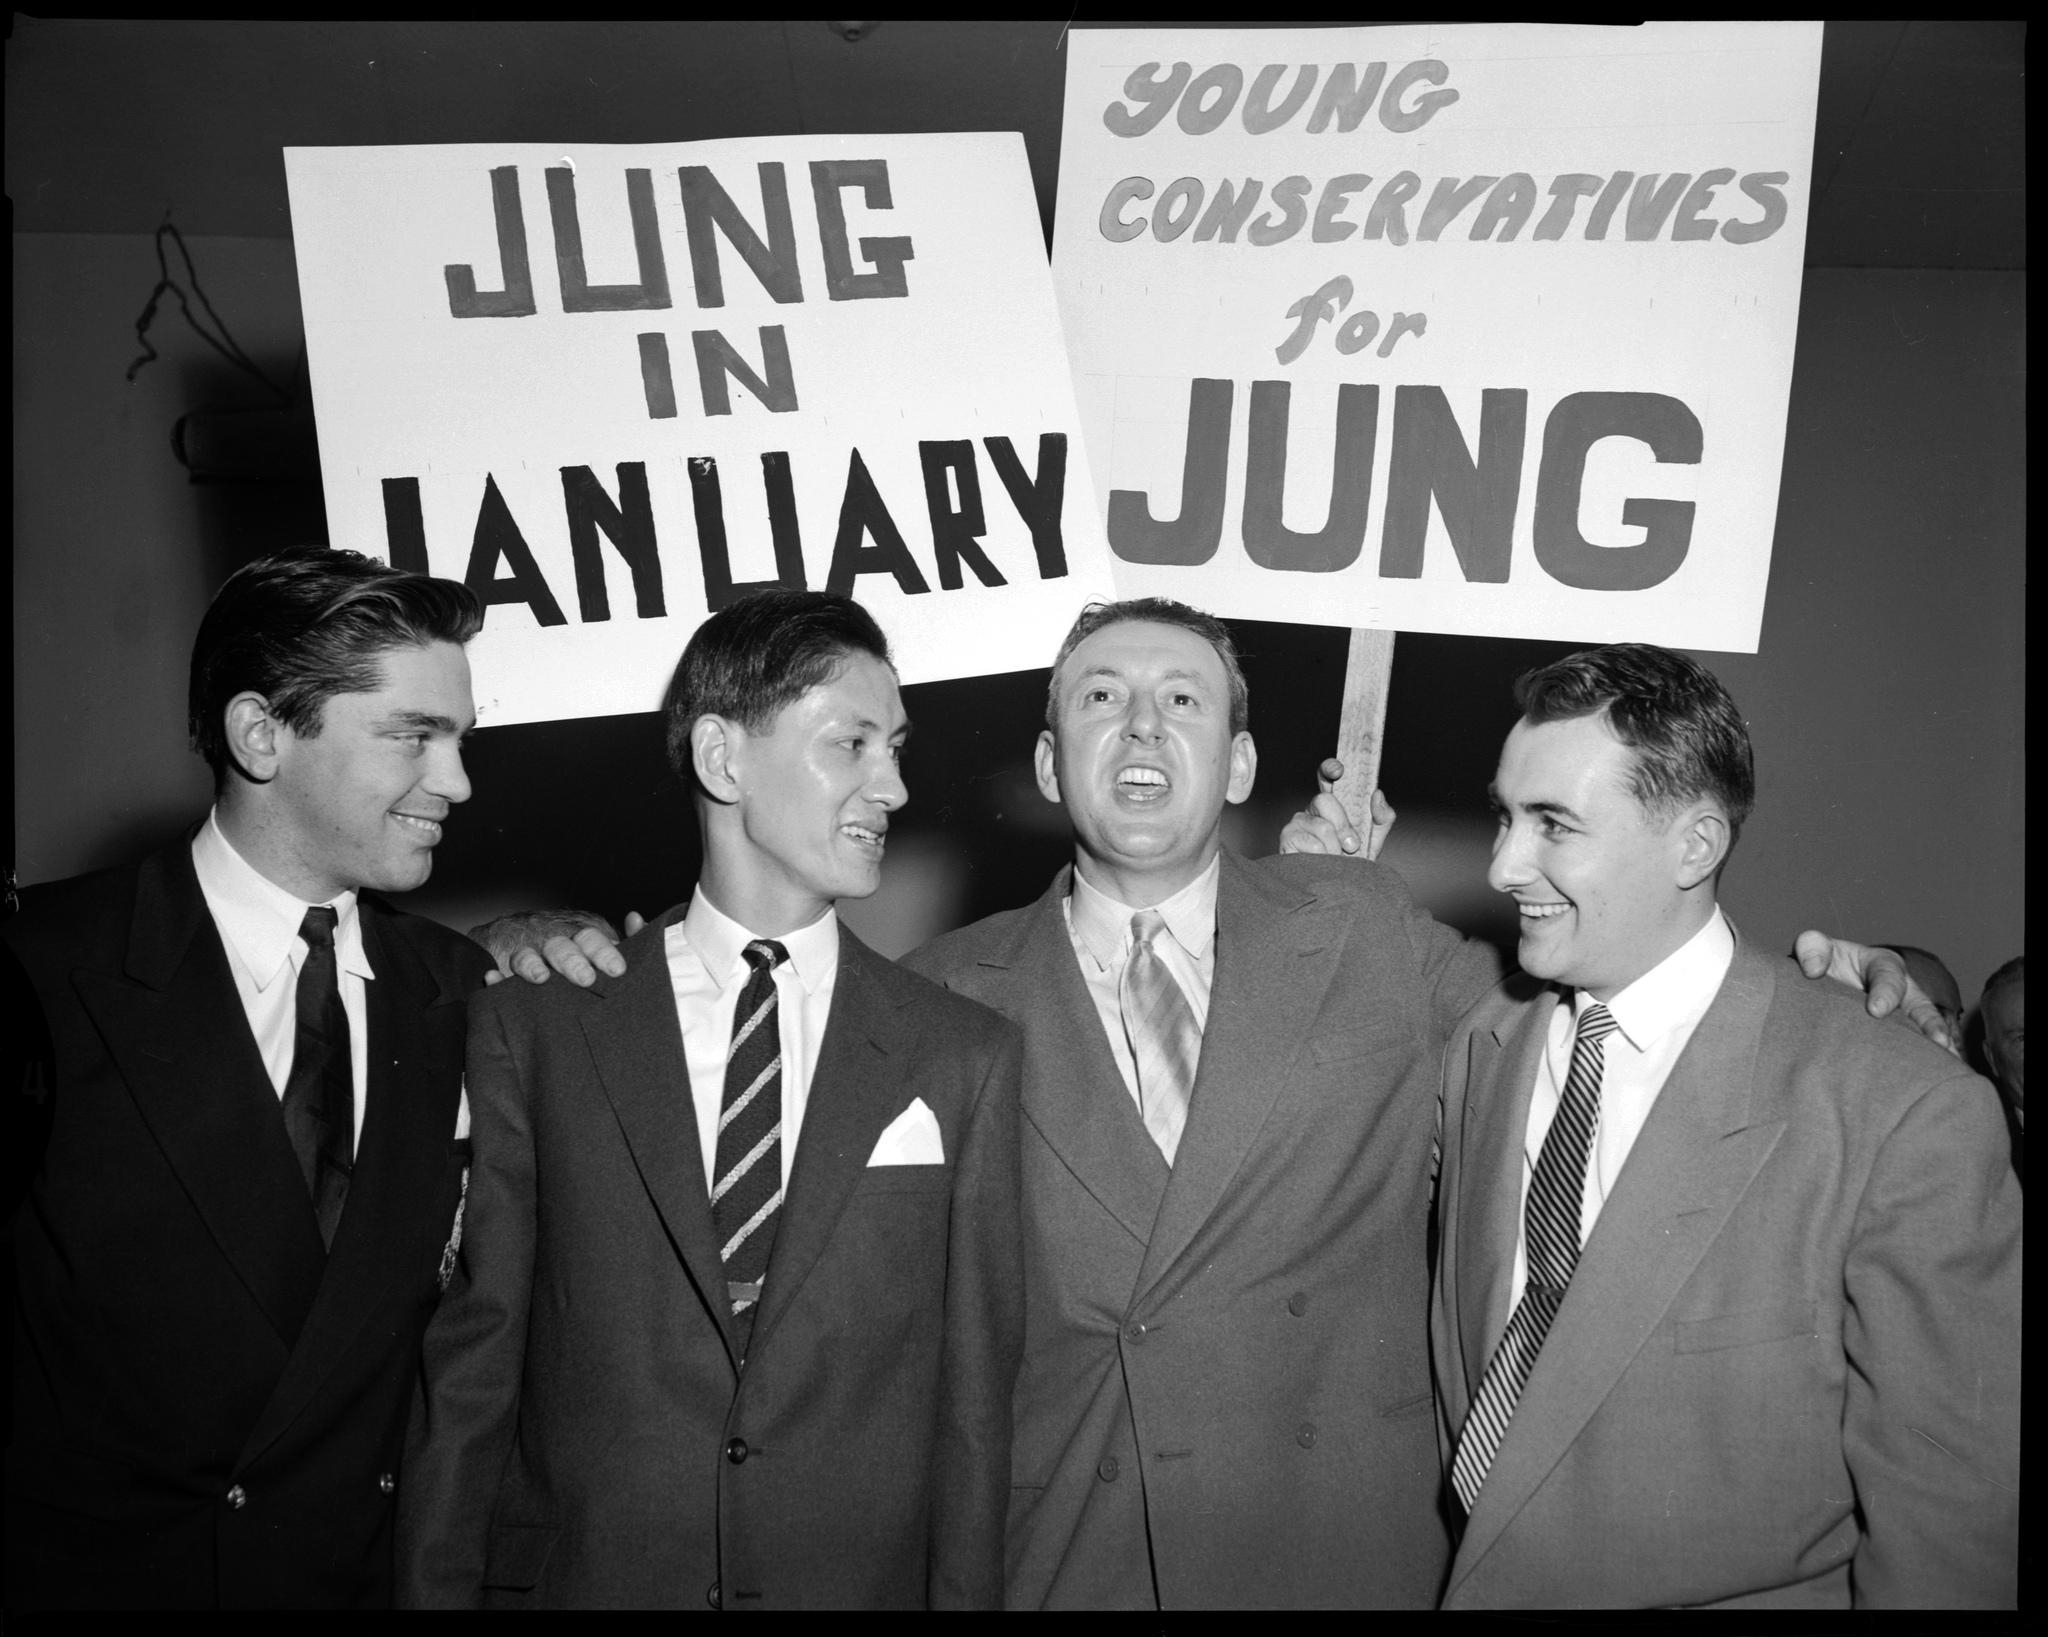 Douglas Jung campaign.